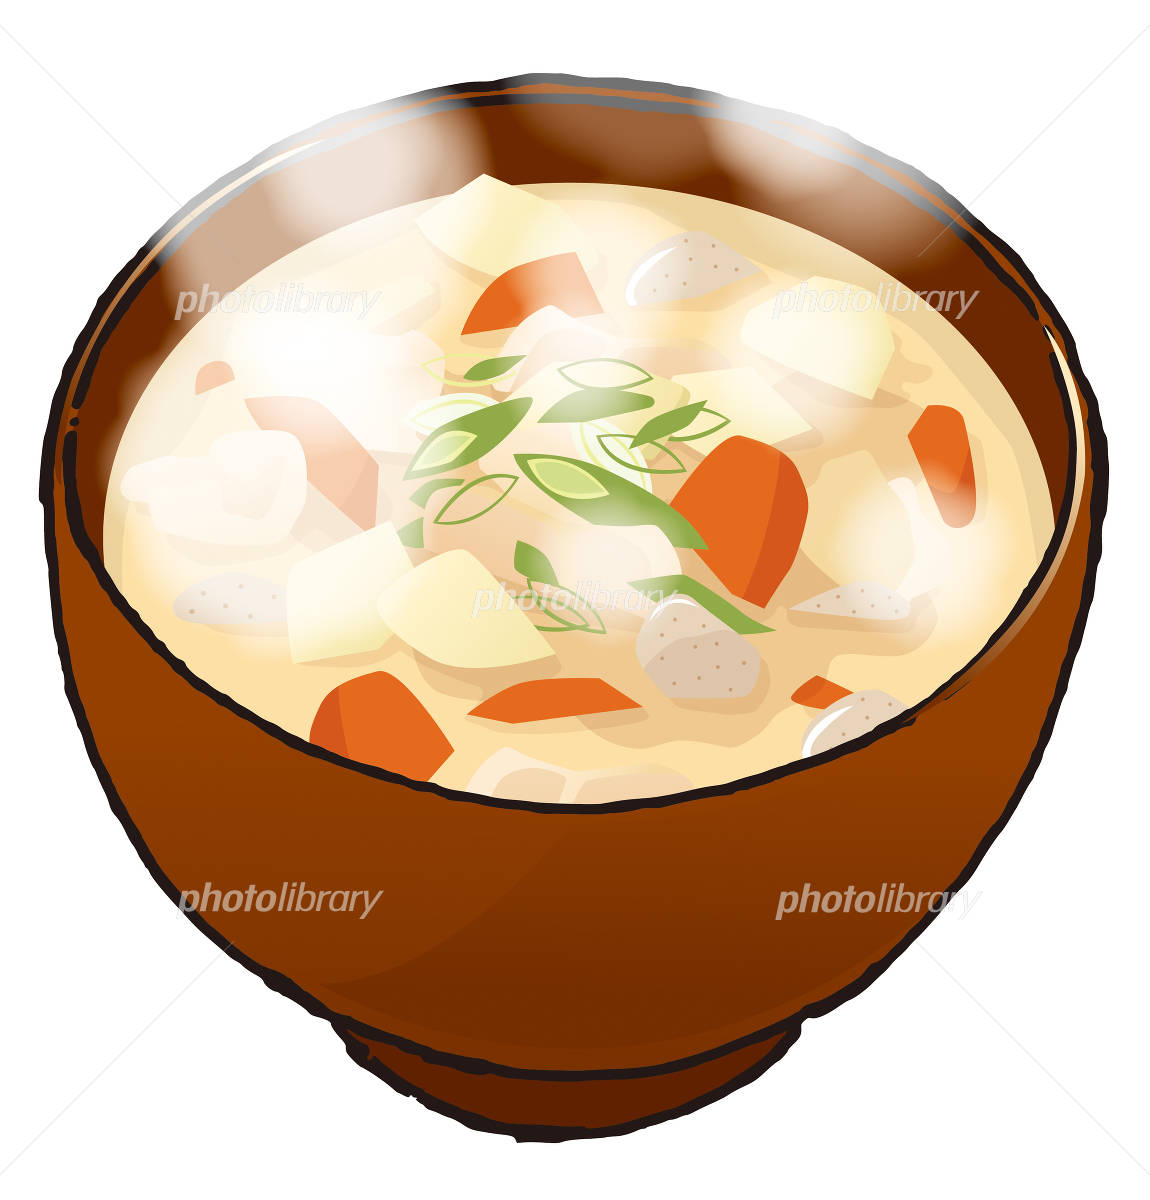 豚汁湯気ありイラスト イラスト素材 2388298 フォトライブ